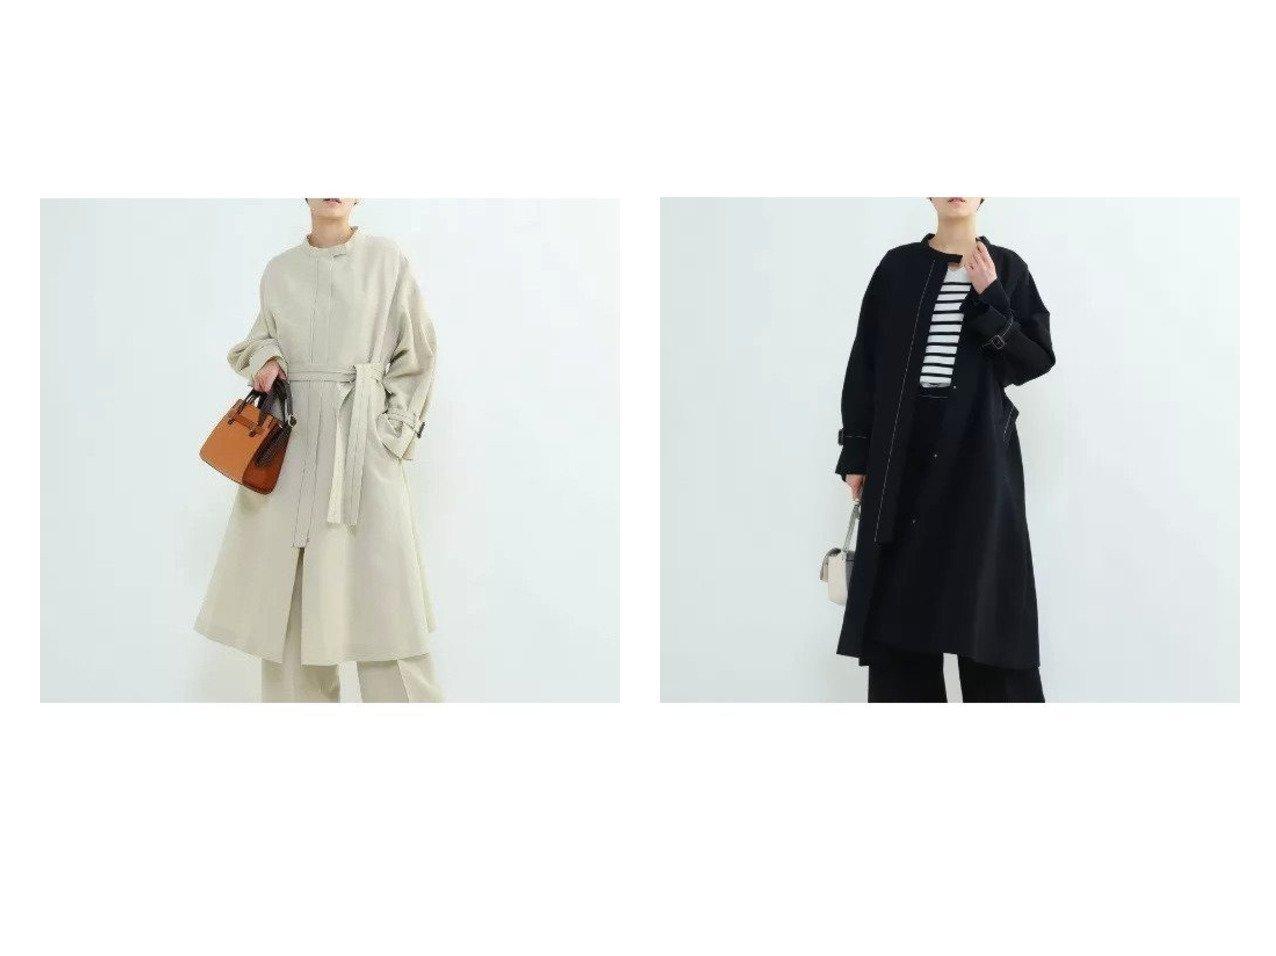 【INDIVI V.A.I/インディヴィ バイ】のグランリネンツイルコート 【アウター】おすすめ!人気、トレンド・レディースファッションの通販 おすすめで人気の流行・トレンド、ファッションの通販商品 メンズファッション・キッズファッション・インテリア・家具・レディースファッション・服の通販 founy(ファニー) https://founy.com/ ファッション Fashion レディースファッション WOMEN アウター Coat Outerwear コート Coats シンプル フォルム リネン ワーク |ID:crp329100000028572